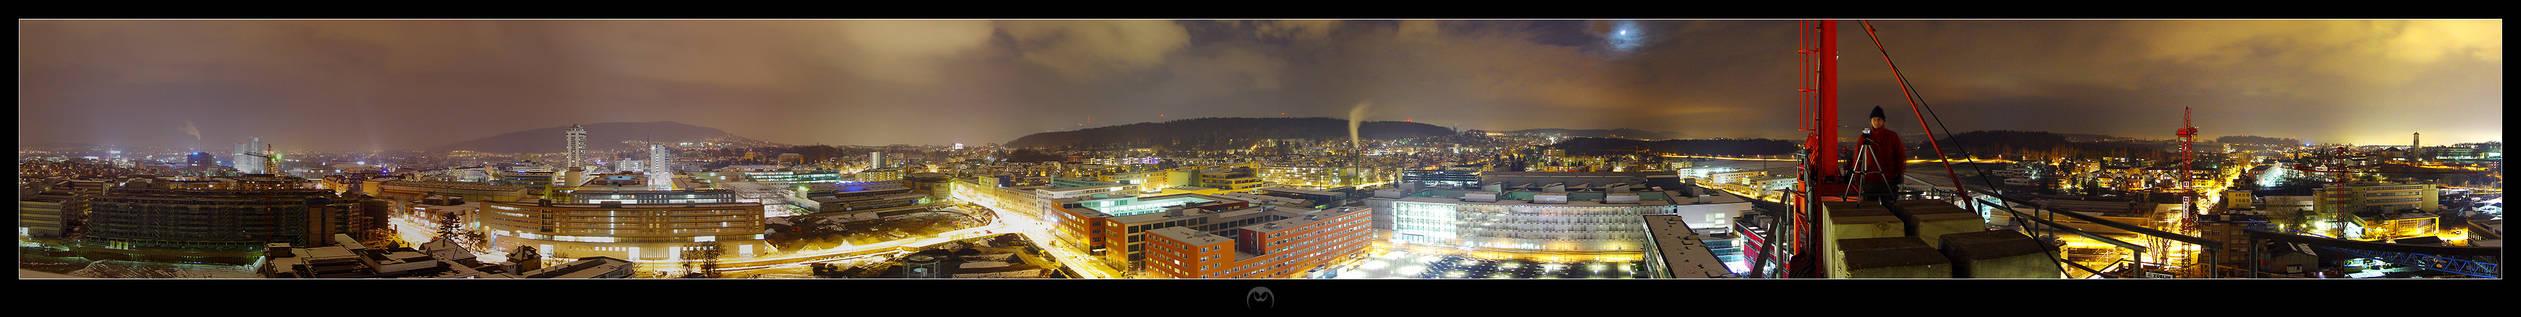 Zurich by night II